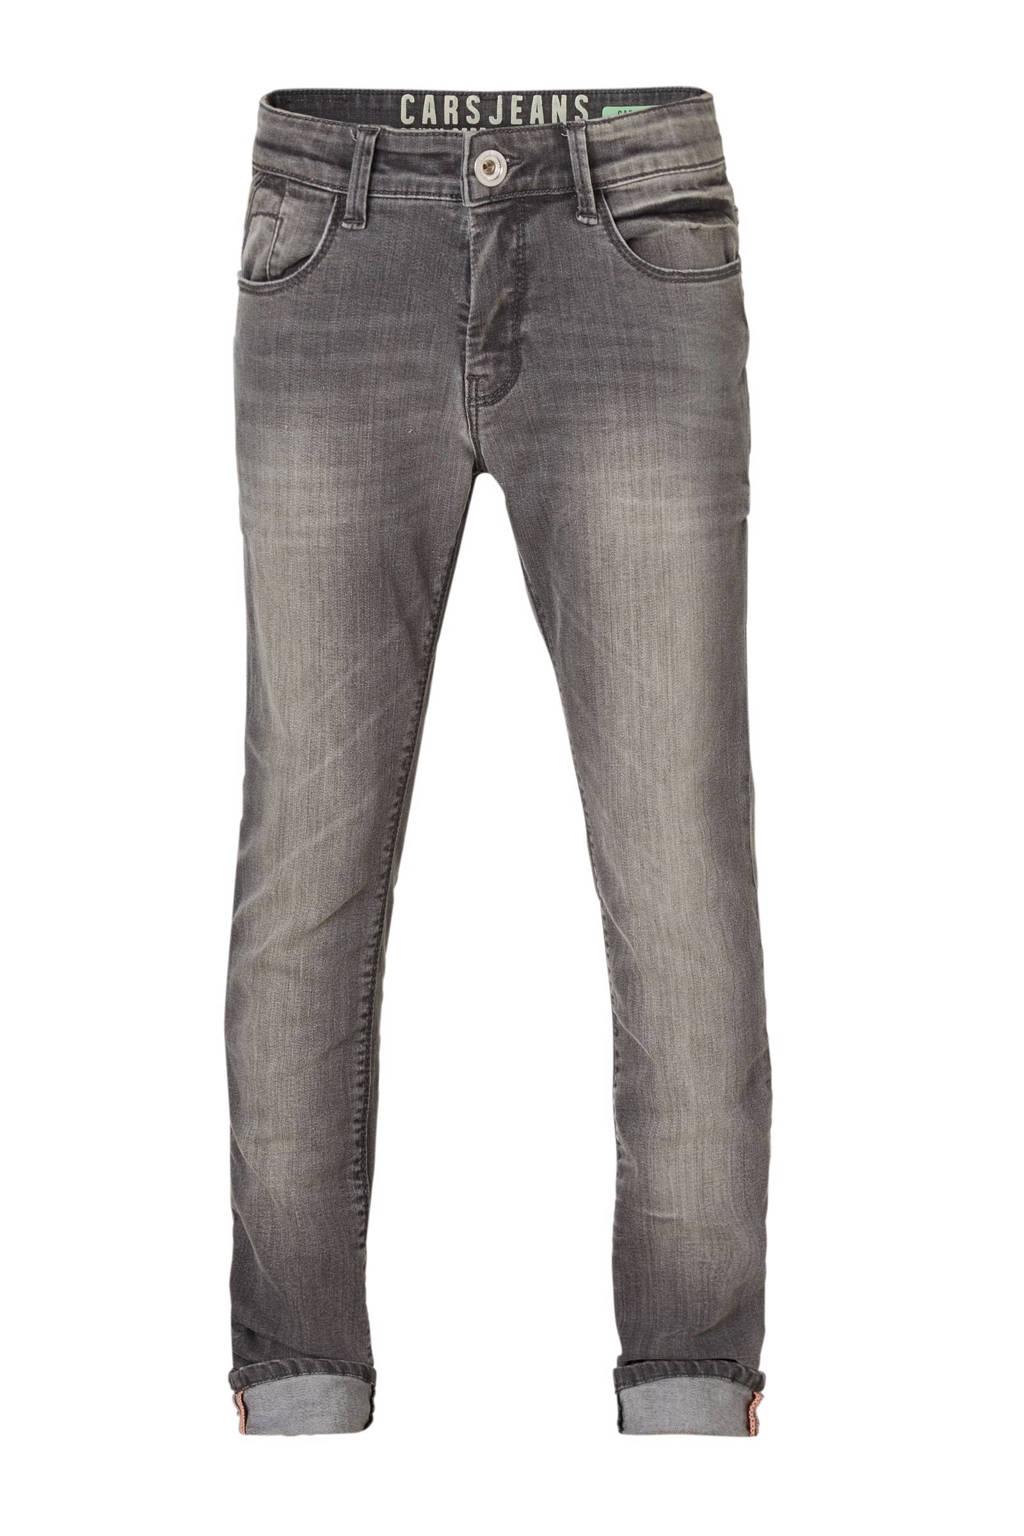 Cars slim fit jeans Duarte, Grijs